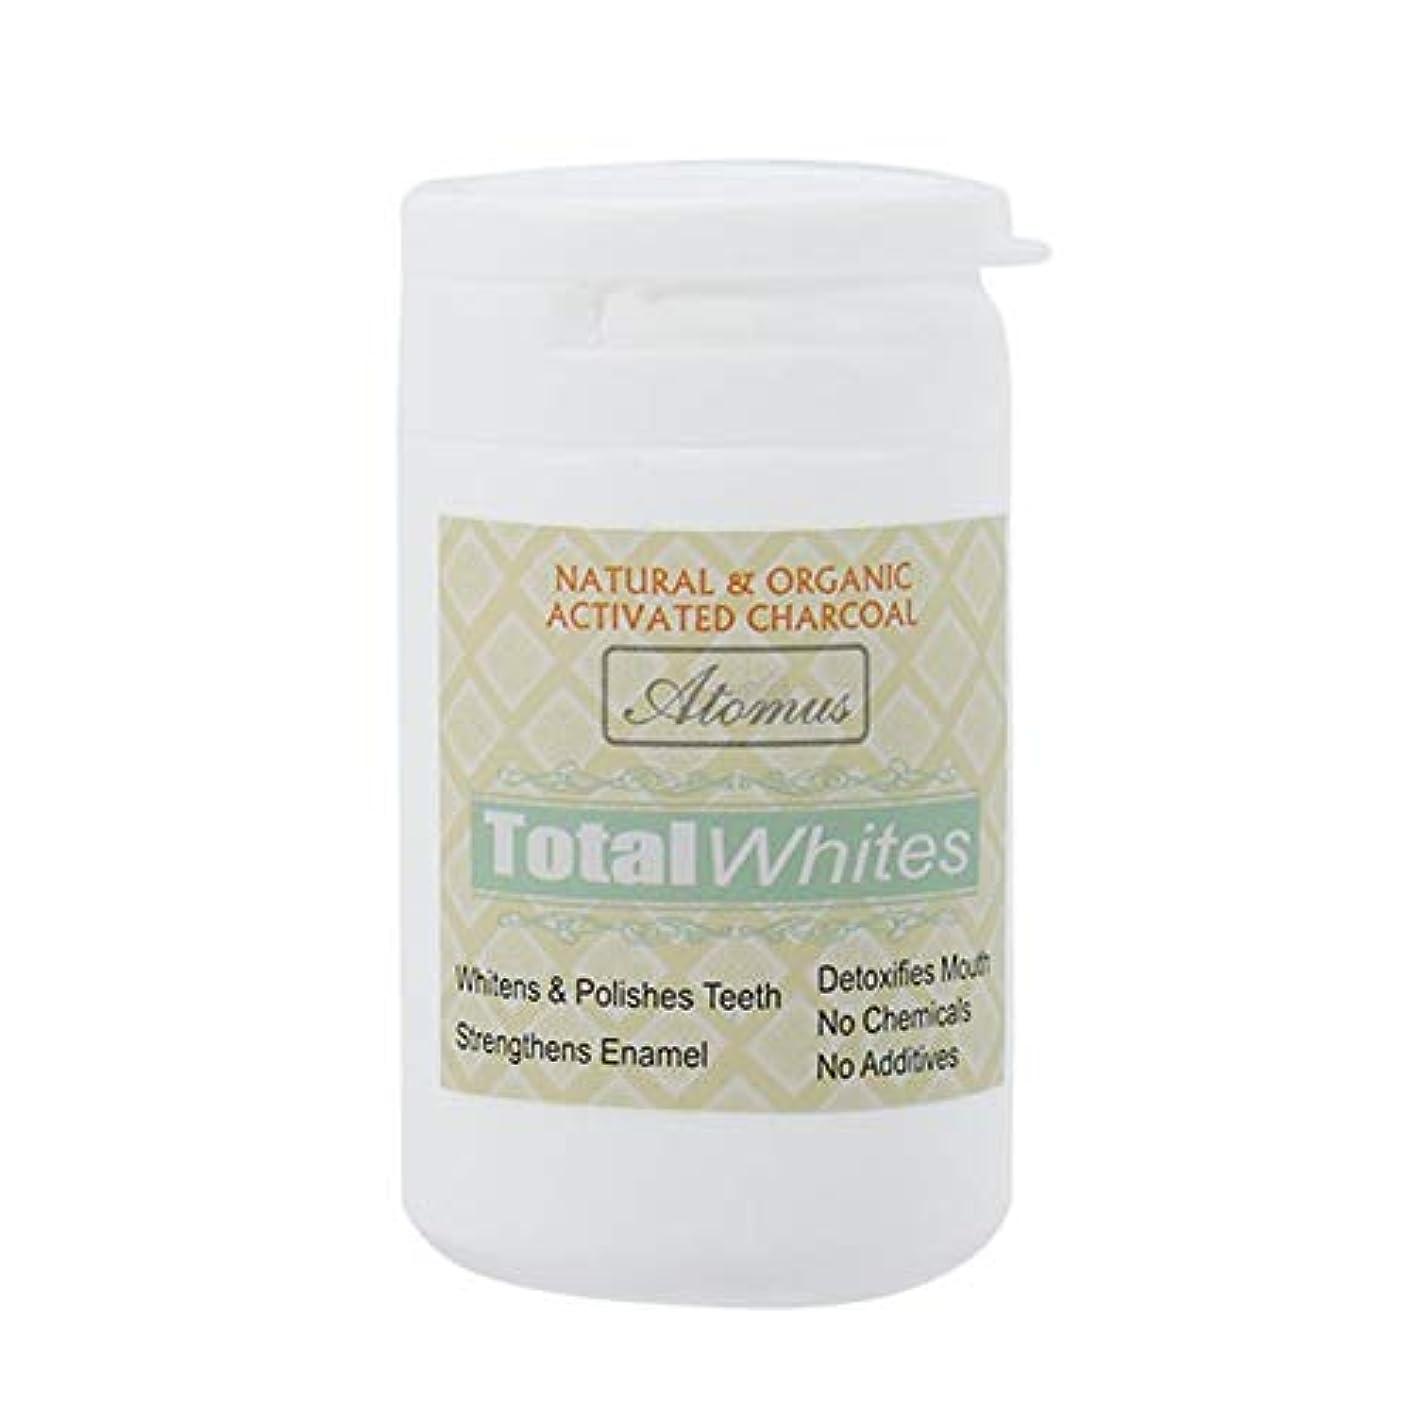 深く経度合わせて歯のホワイトニングパウダー、活性炭の歯のホワイトナーパウダー - 有機安全で効果的なホワイトナーの解決策 - ホワイトニングの歯とフレッシュな息